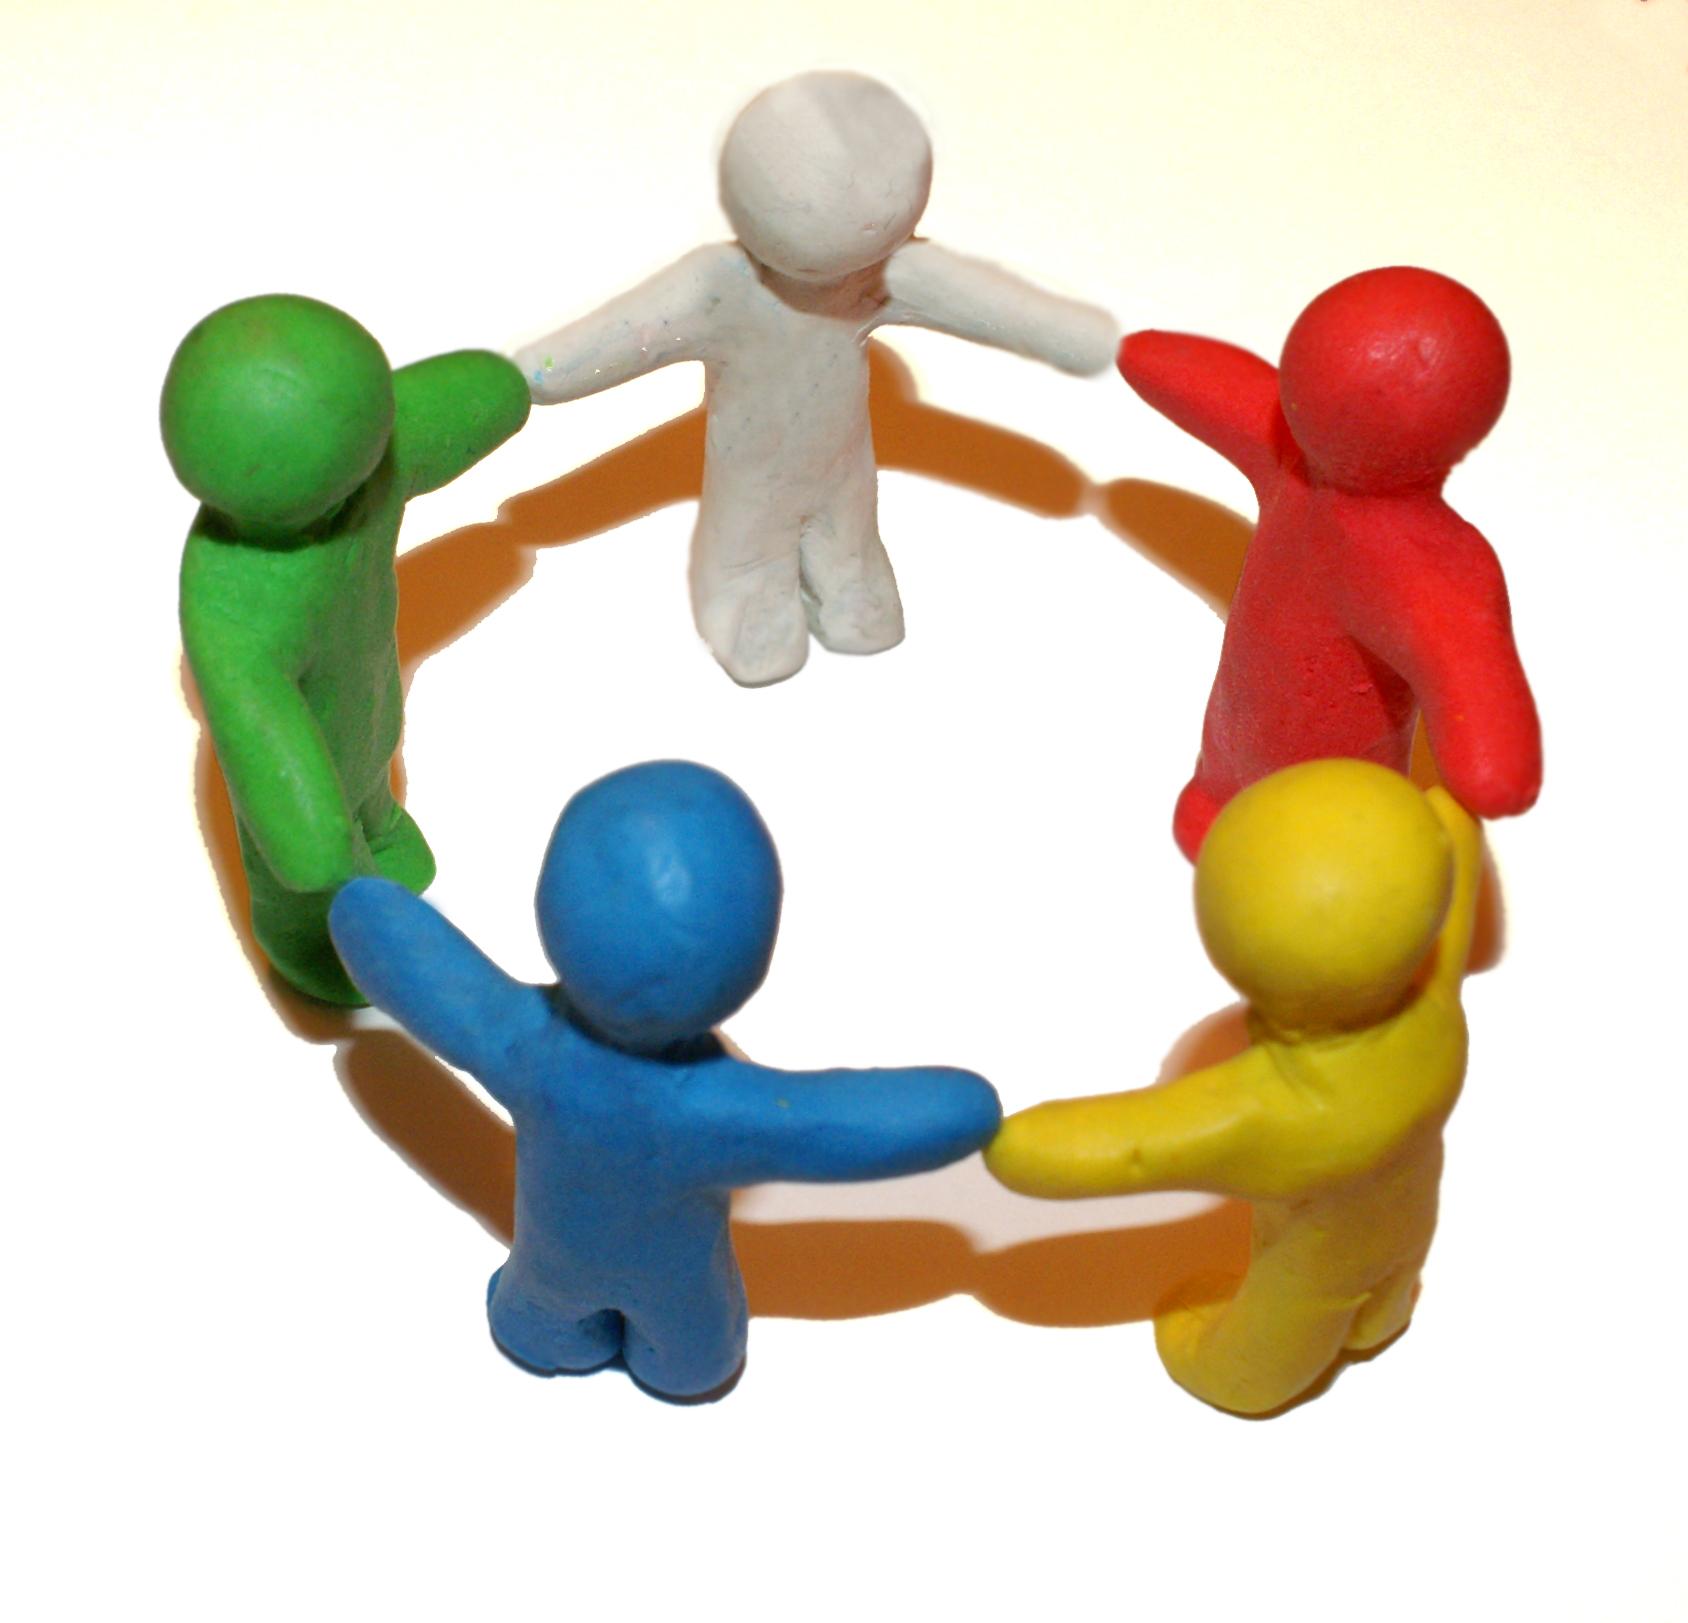 ... die Community: Chat, Dating, Online-Spiele - Lern neue Freunde kennen